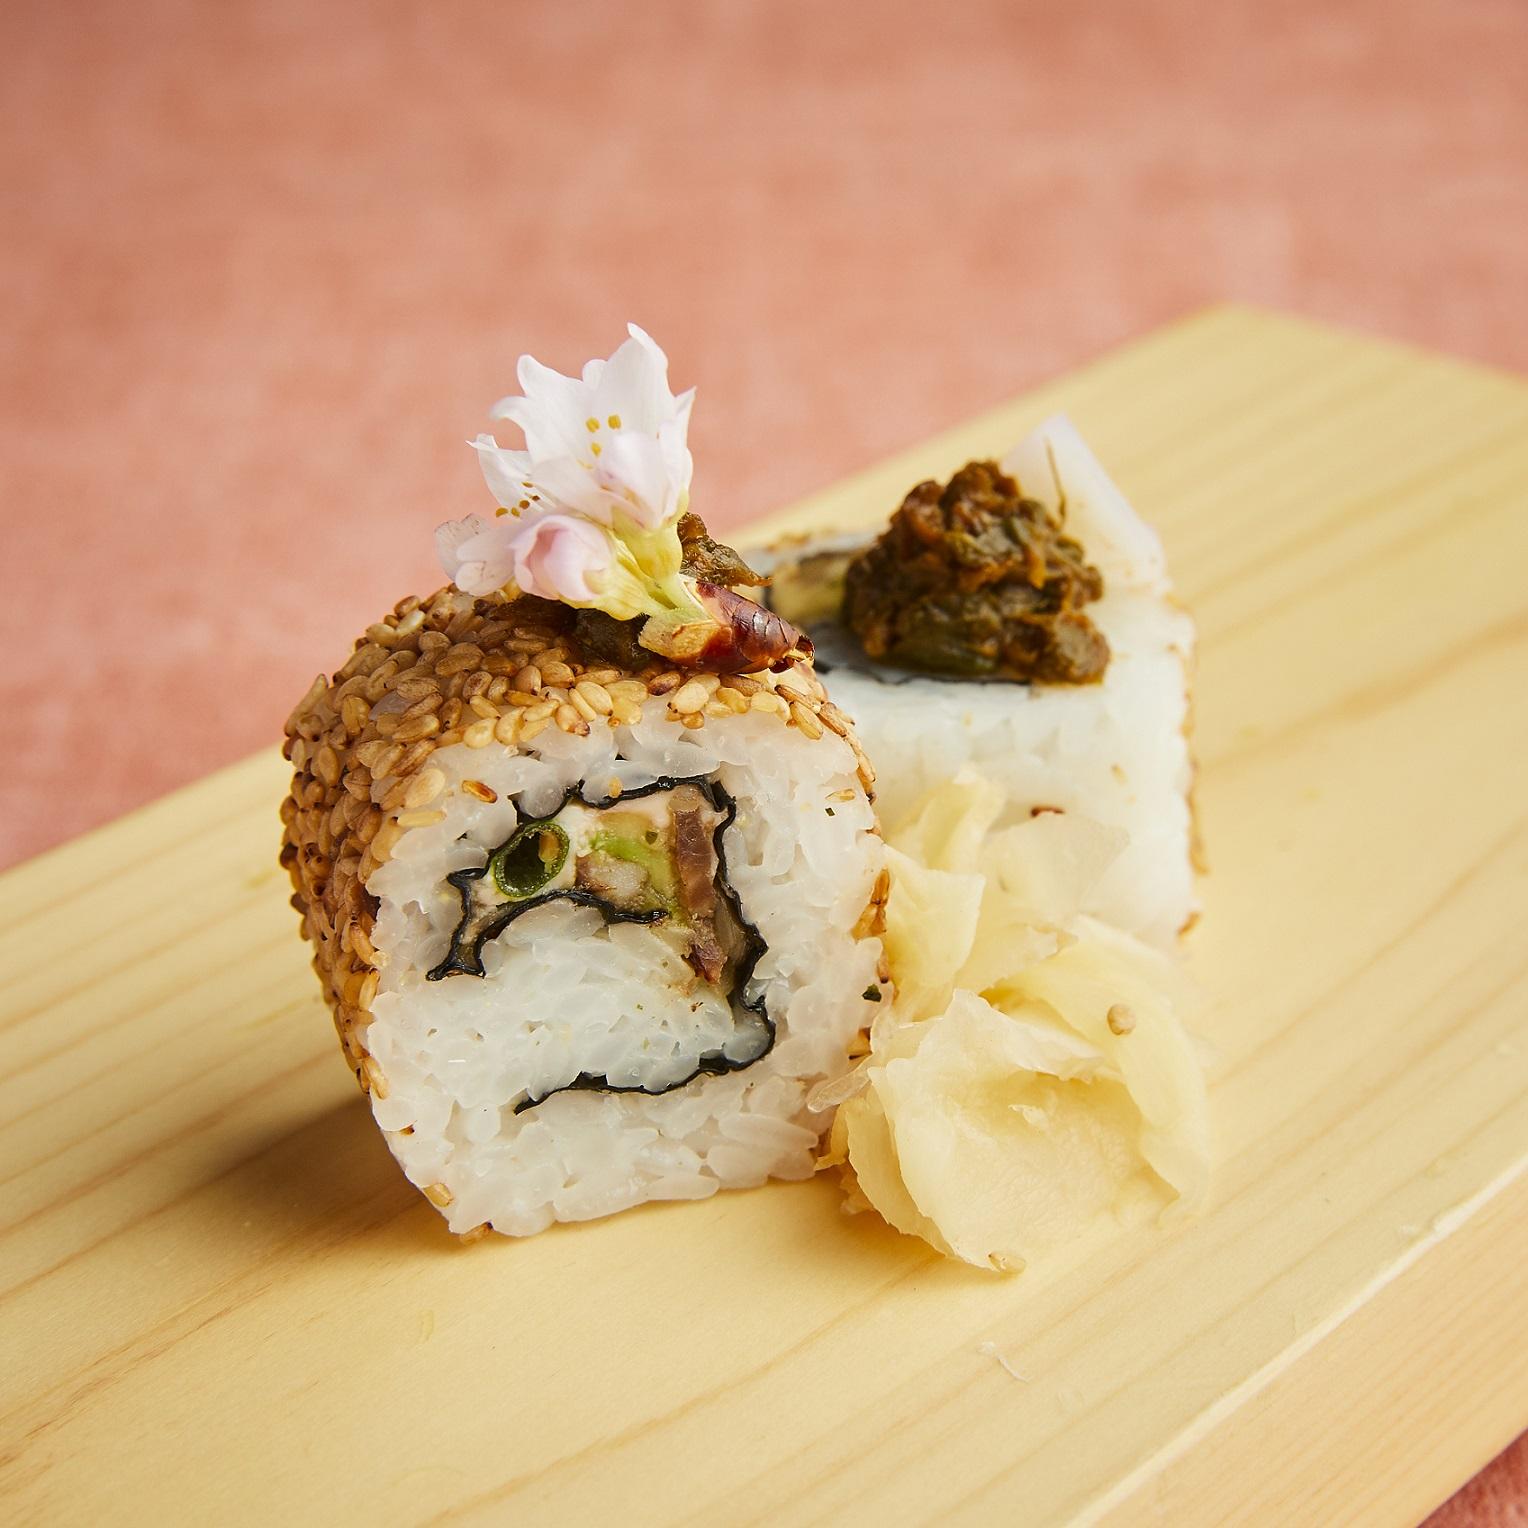 shari-the-tokyo-sushi-bar%e5%a3%bd%e5%8f%b8%e6%9d%b1%e4%ba%ac-%e5%af%bf%e5%8f%b8%e6%9d%b1%e4%ba%ac%ef%bc%bf%e7%89%9b%e8%95%97%e5%91%b3%e5%99%8c%e3%83%ad%e3%83%bc%e3%83%ab%e3%80%8d